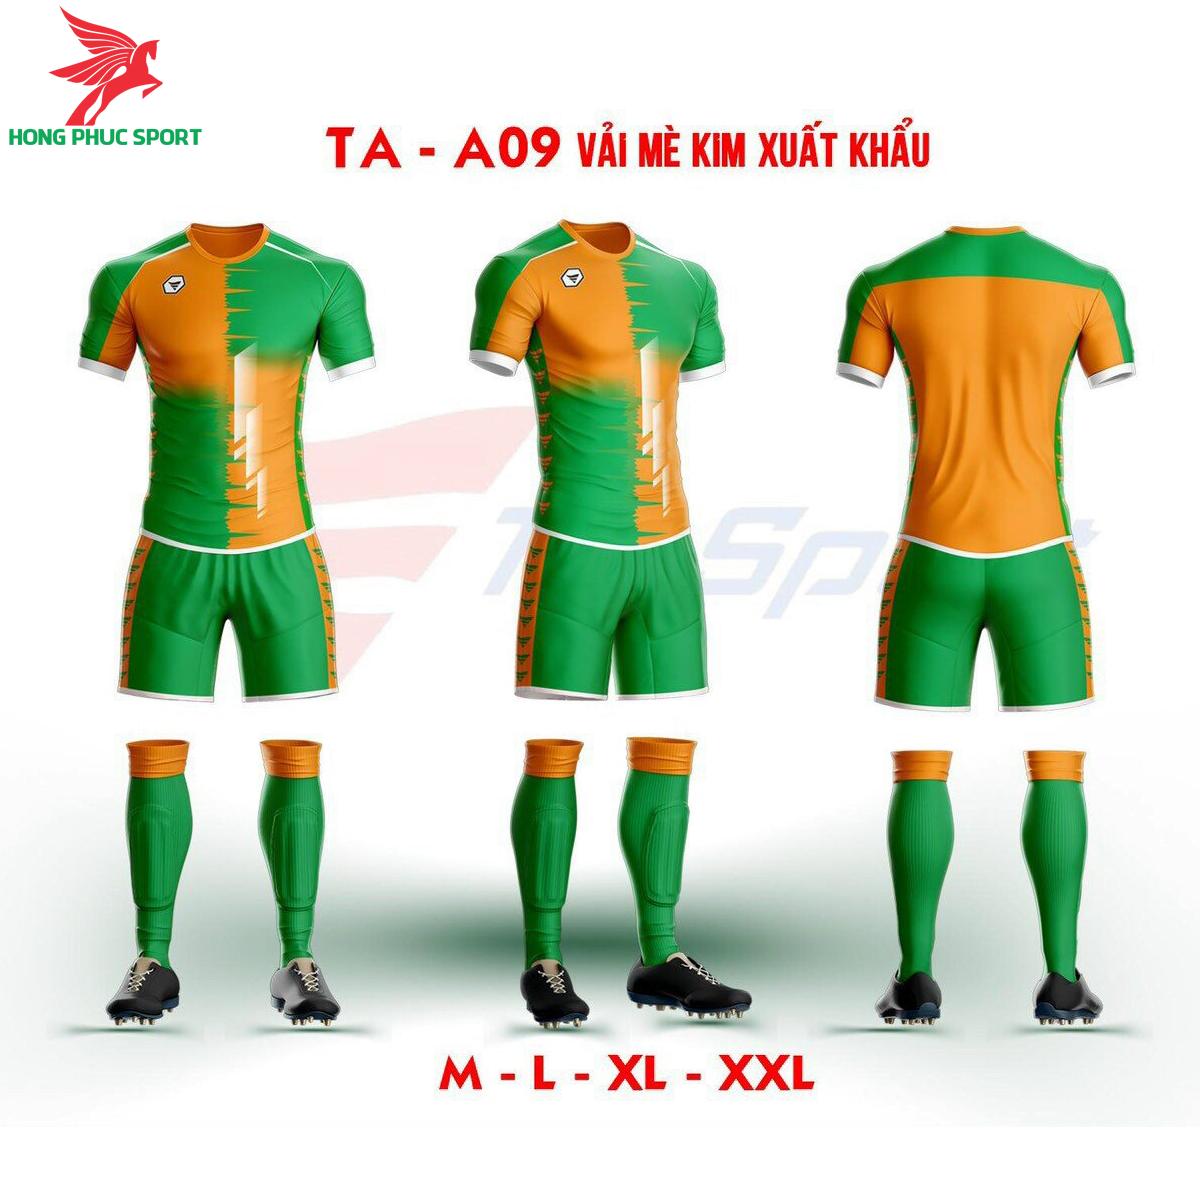 https://cdn.hongphucsport.com/unsafe/s4.shopbay.vn/files/285/ao-khong-logo-truong-an-ta-a09-mau-xanh-la-cam-1-603e03b645eb9.png